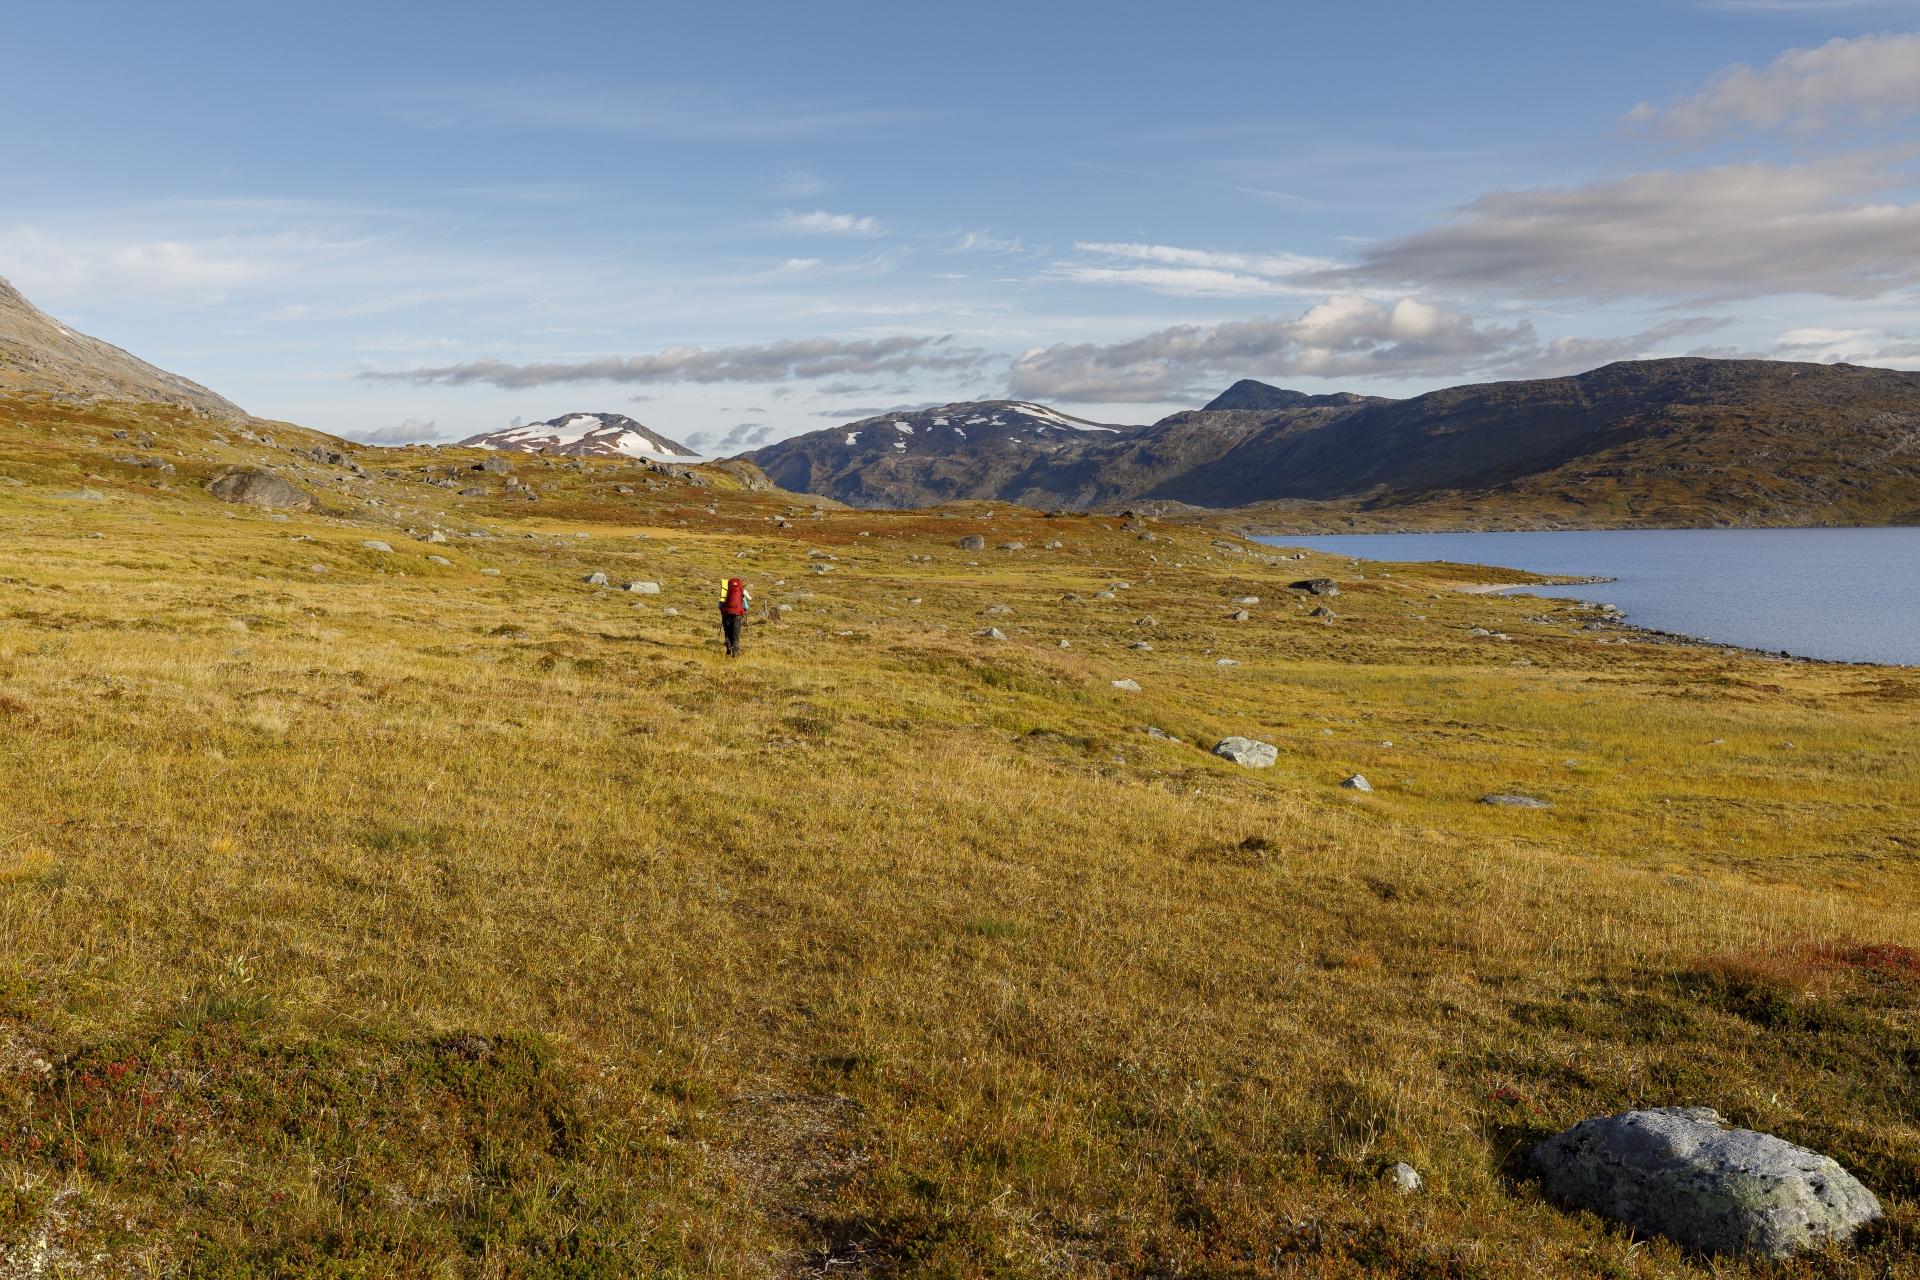 Elisabeth auf dem Weg nach Pauro, entlang des Kåbtåjaure